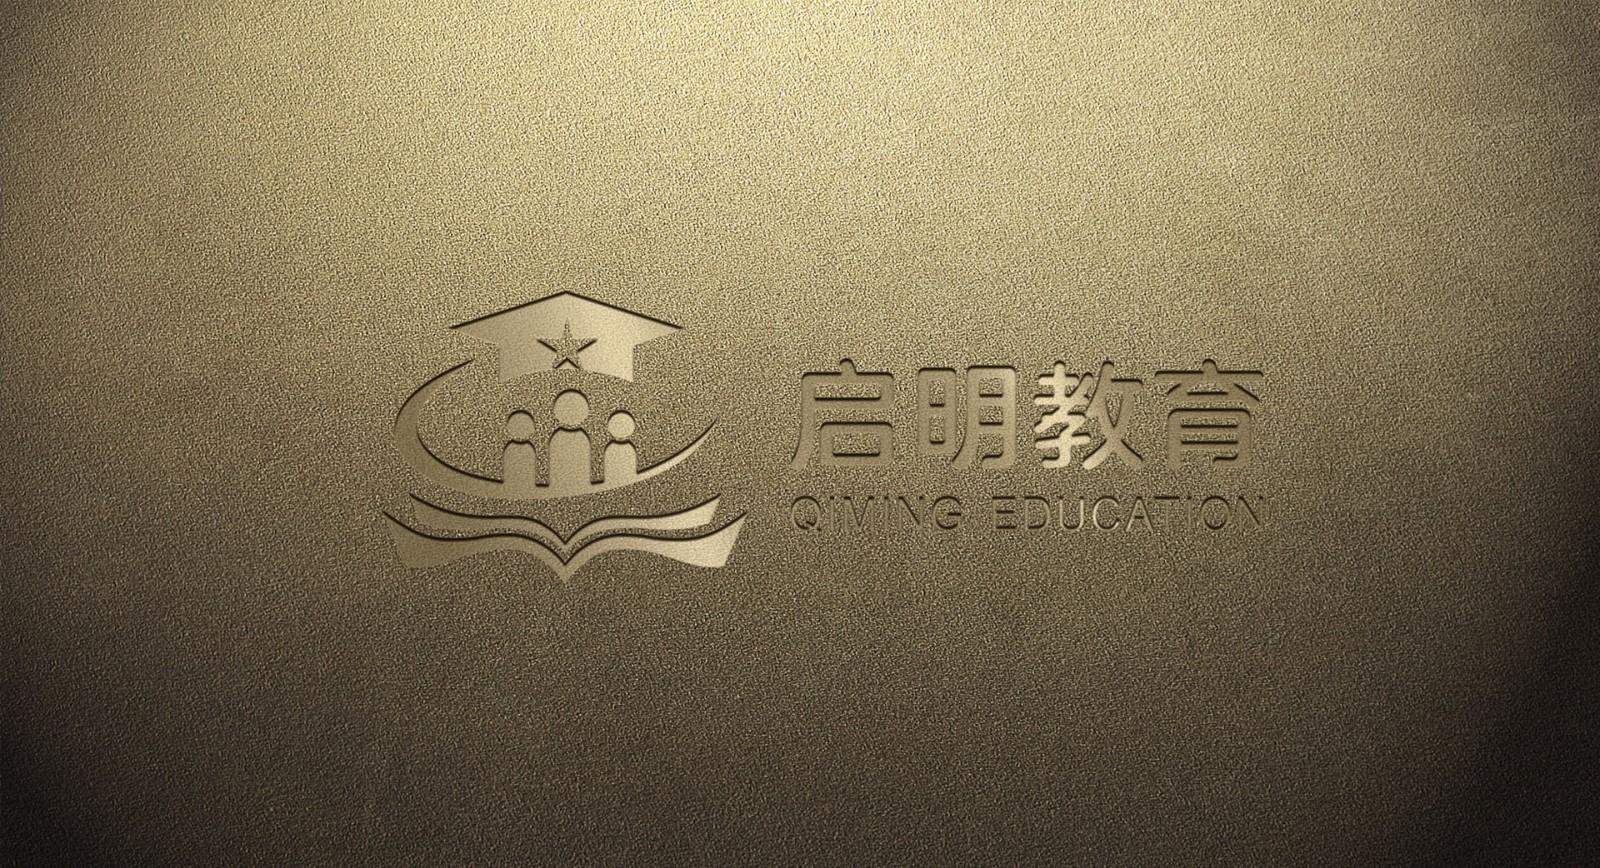 教育机构VI设计